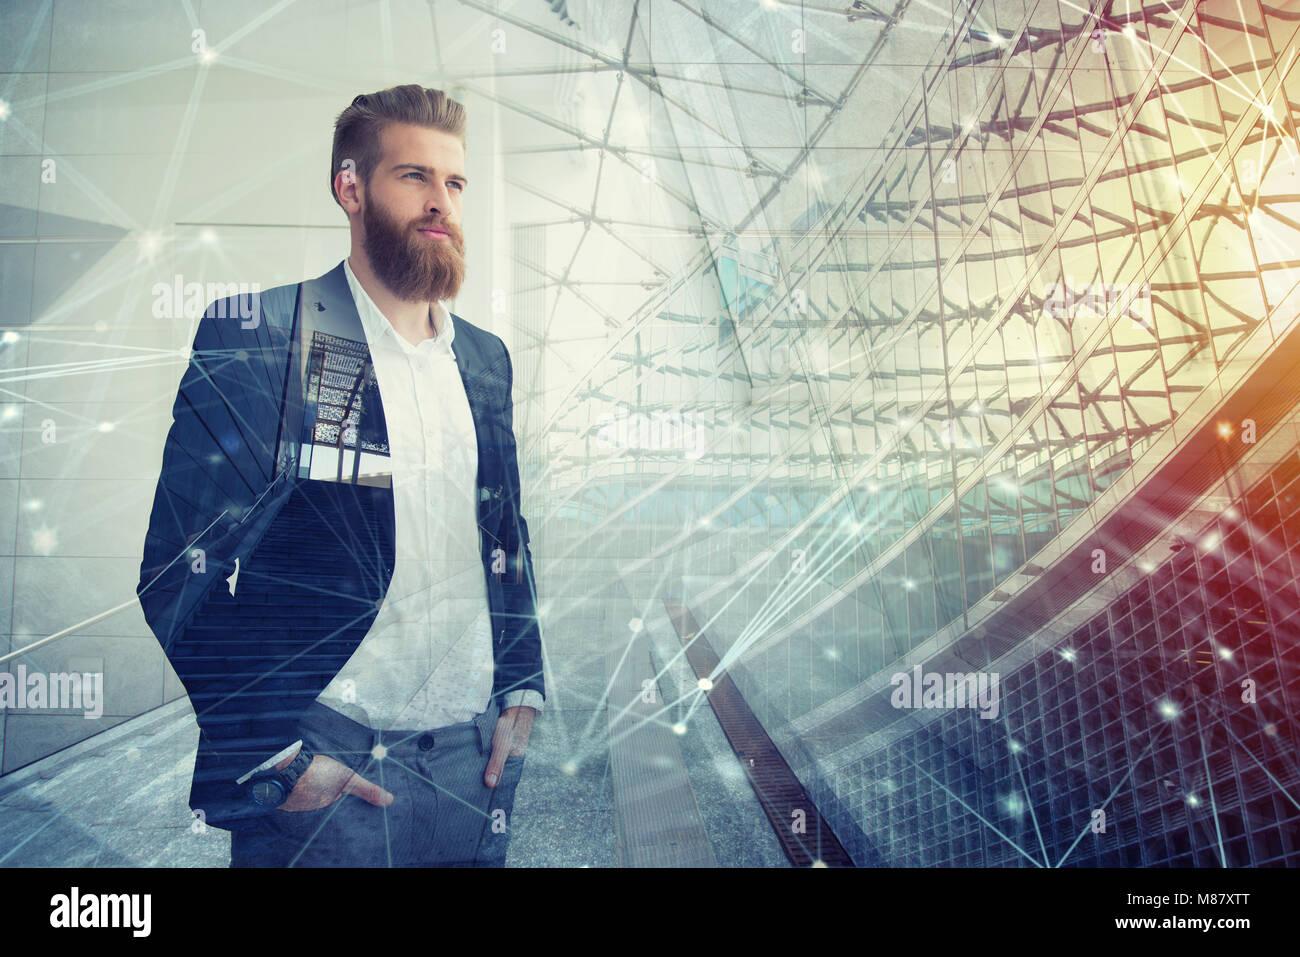 Businessman semble bien pour l'avenir. Concept de l'innovation et de démarrage Banque D'Images